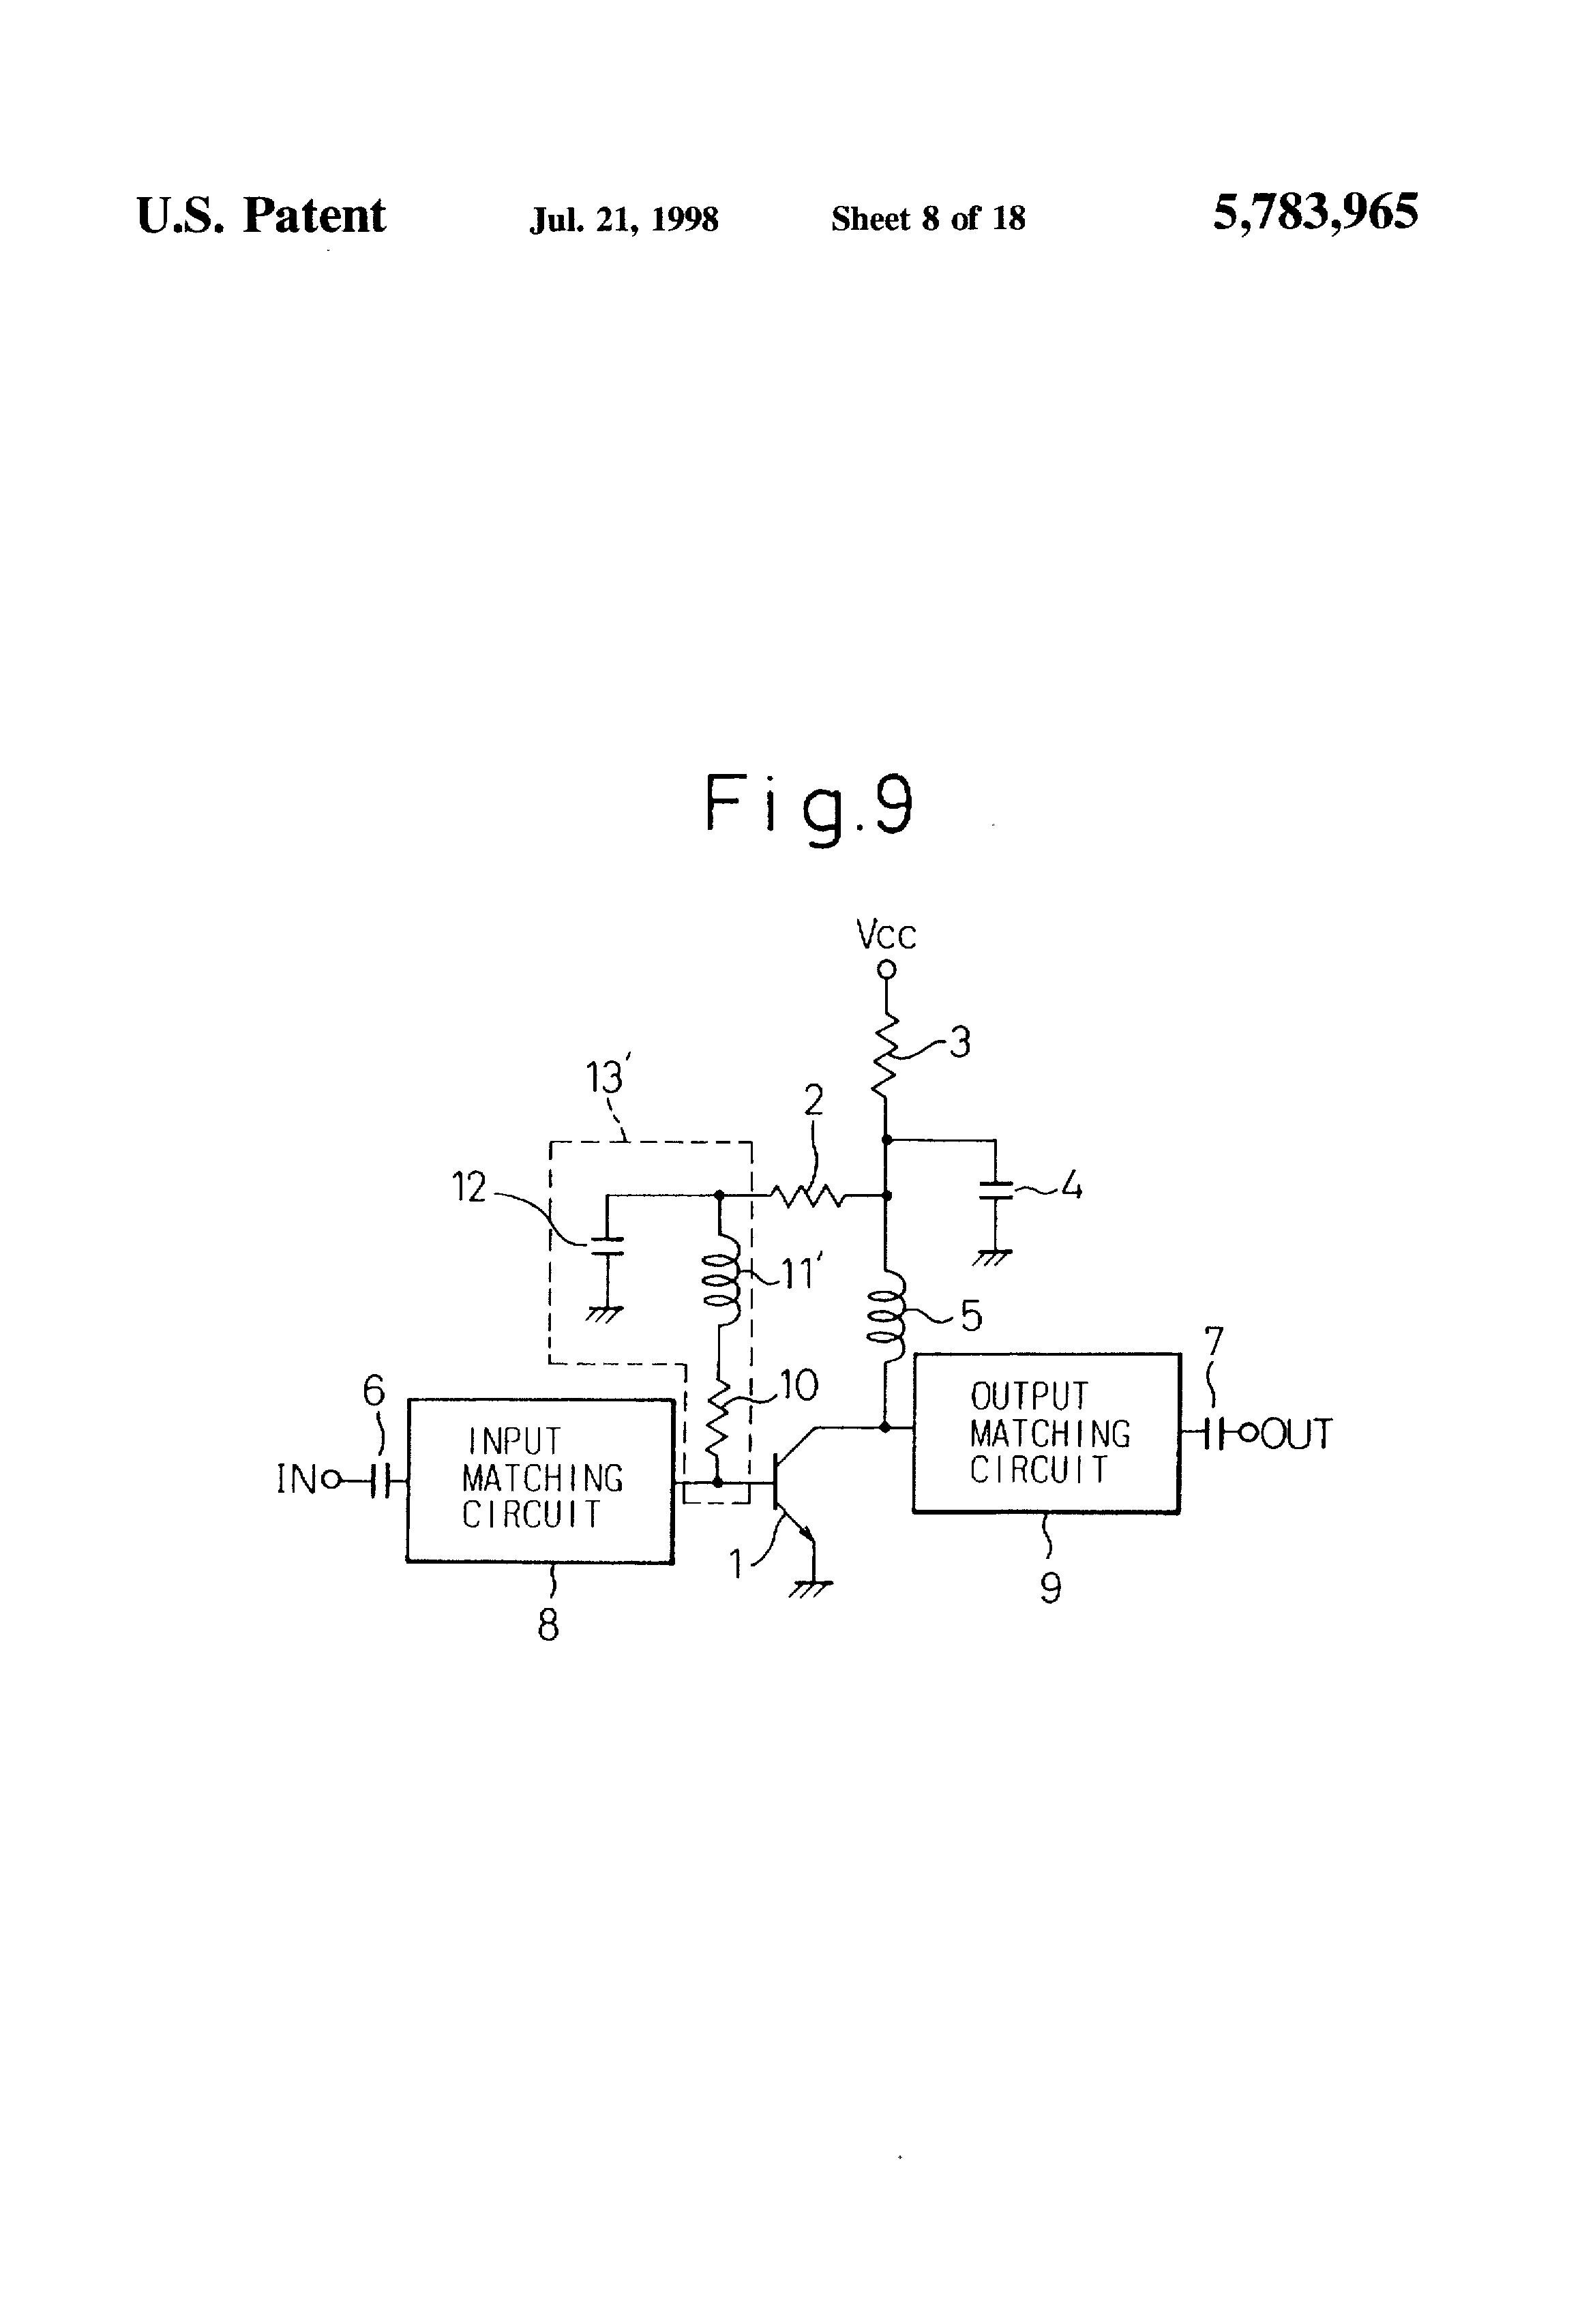 Patente Us5783965 Bias Circuit Google Patentes Integrated Filtercircuit Basiccircuit Diagram Patent Drawing